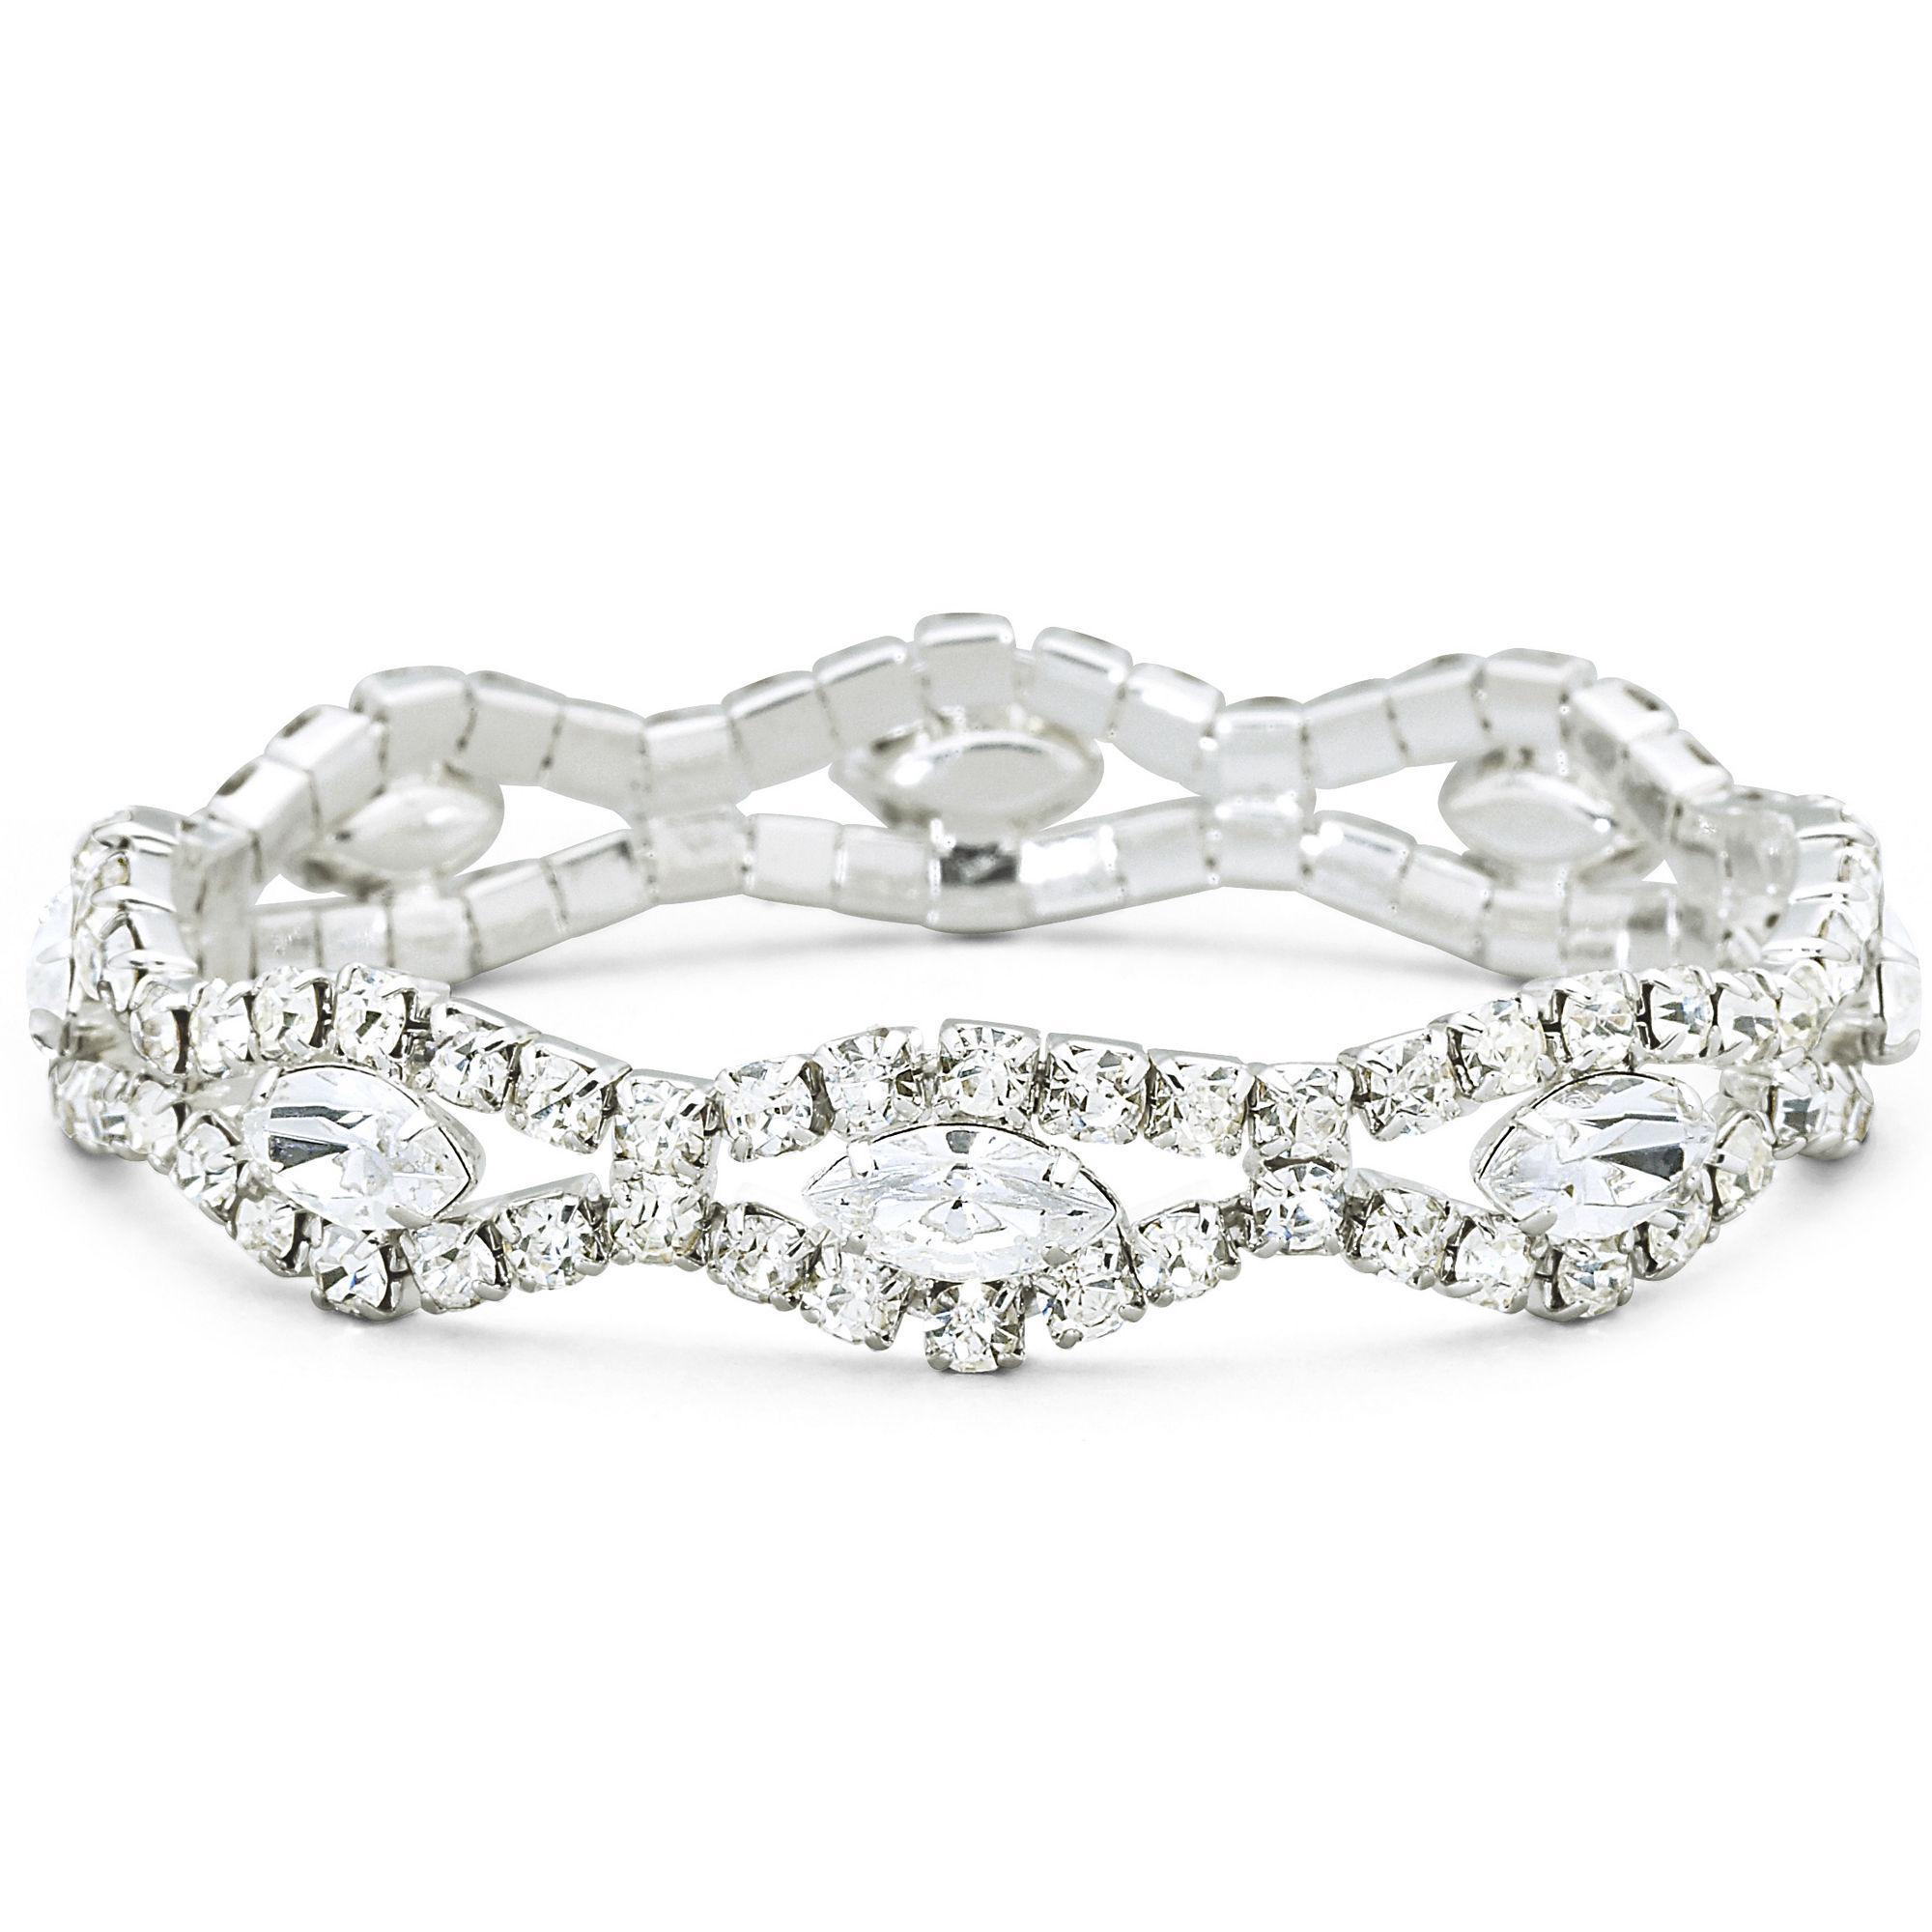 Vieste Rhinestone Silver-Tone Stretch Bracelet